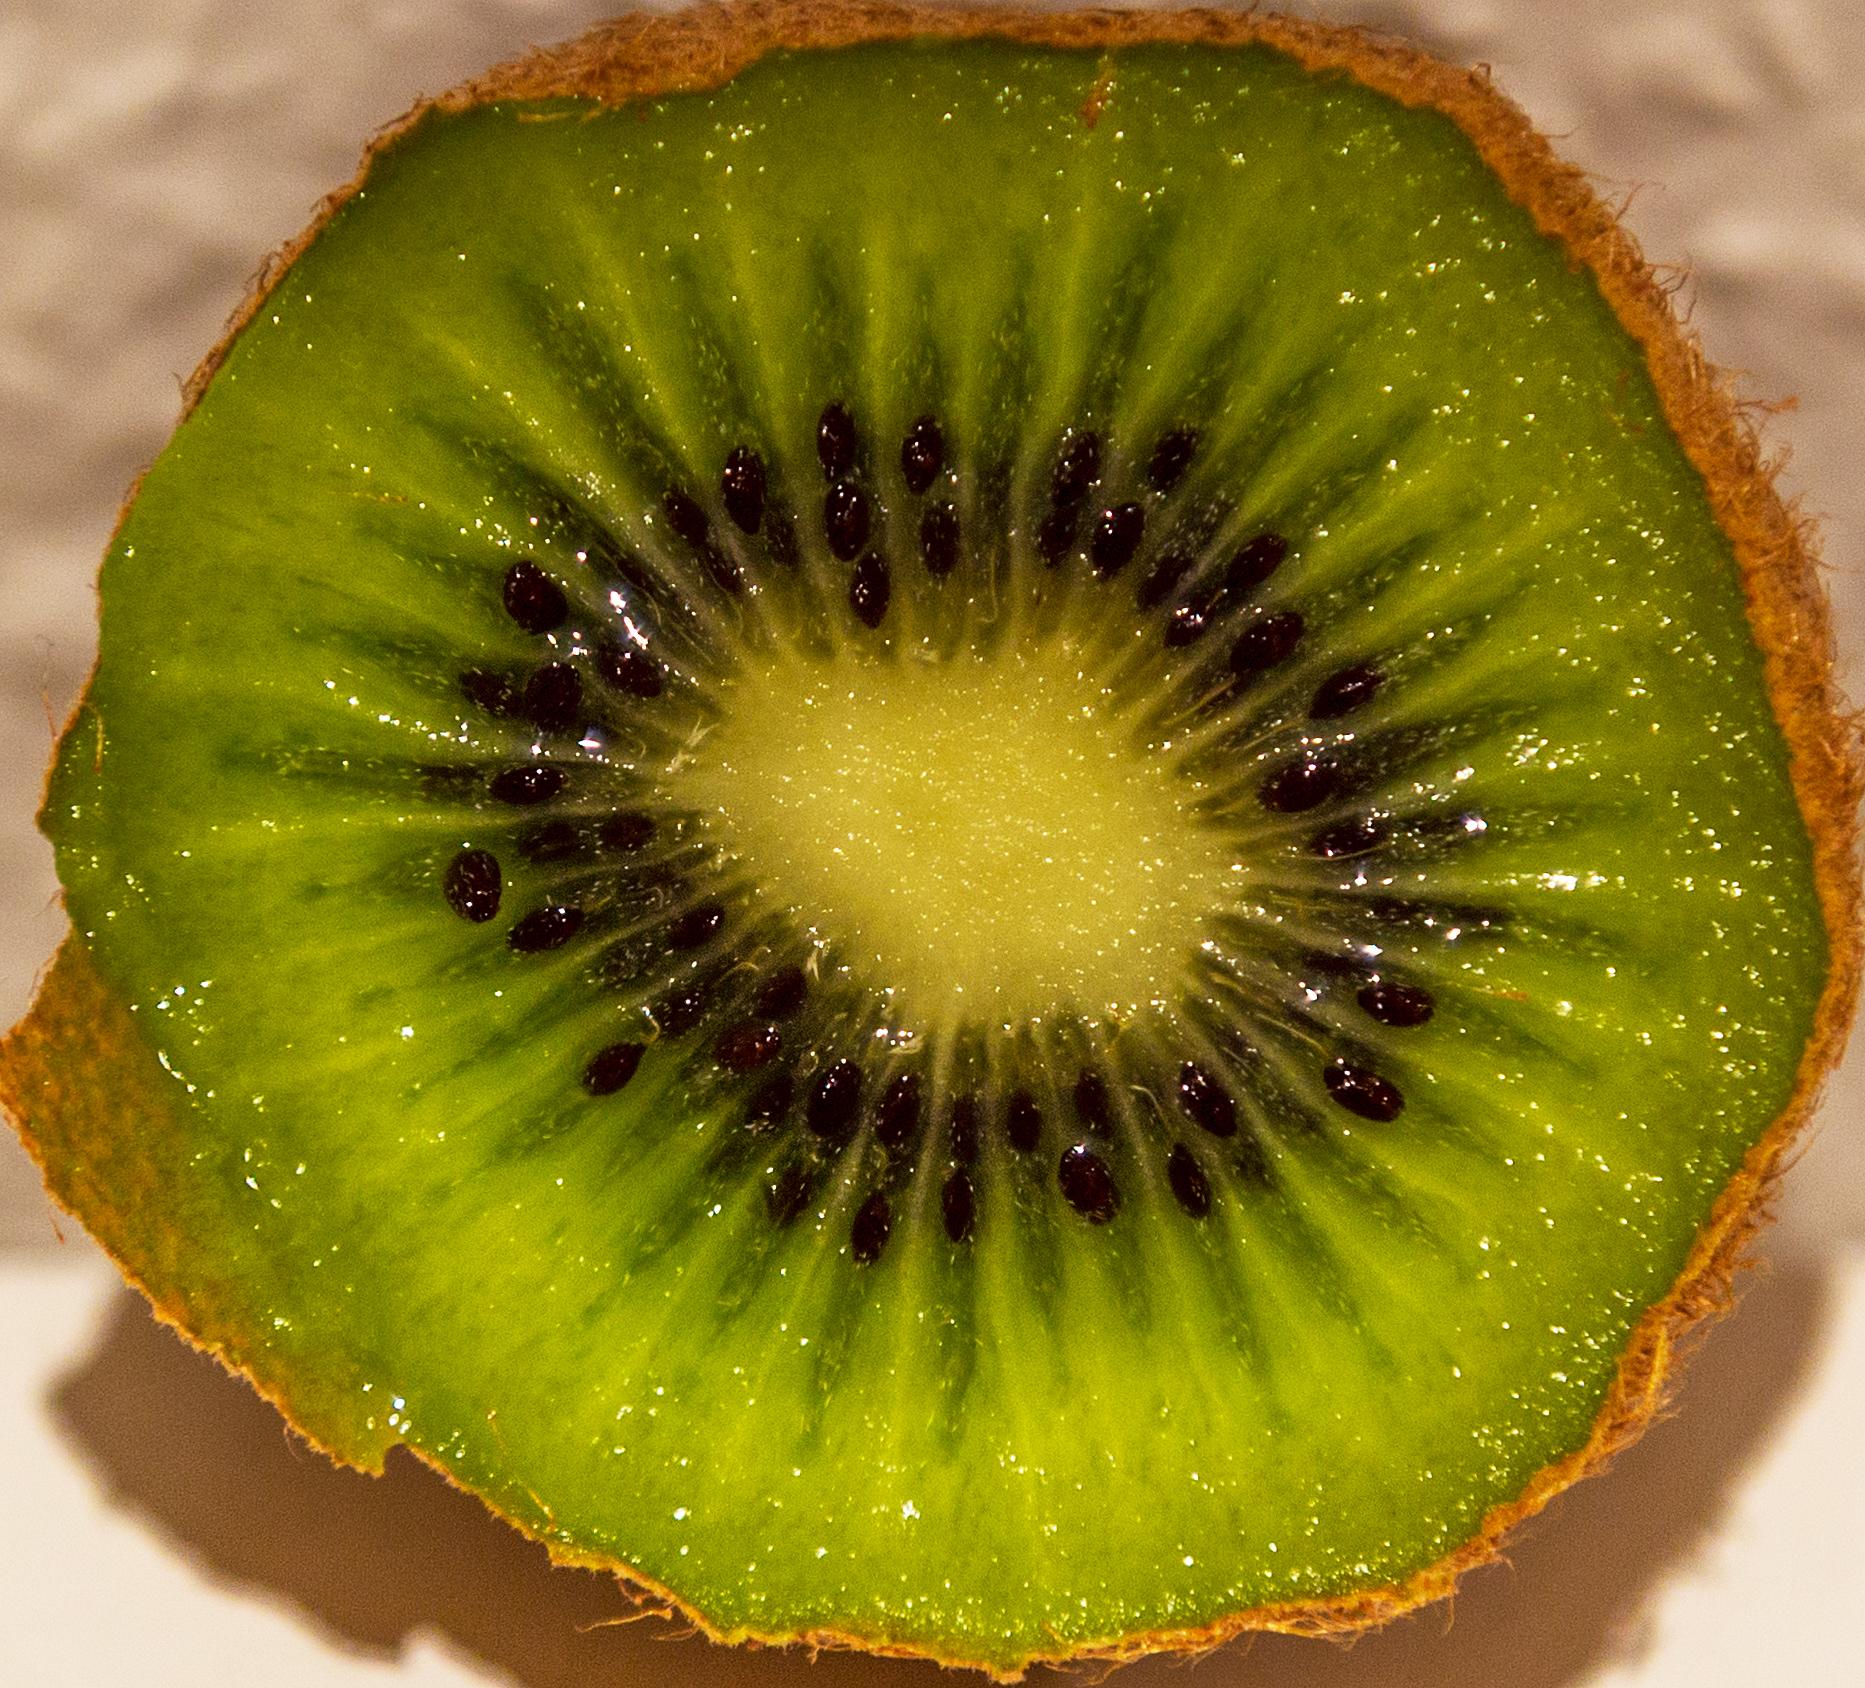 kiwi-7964 jpg.jpg